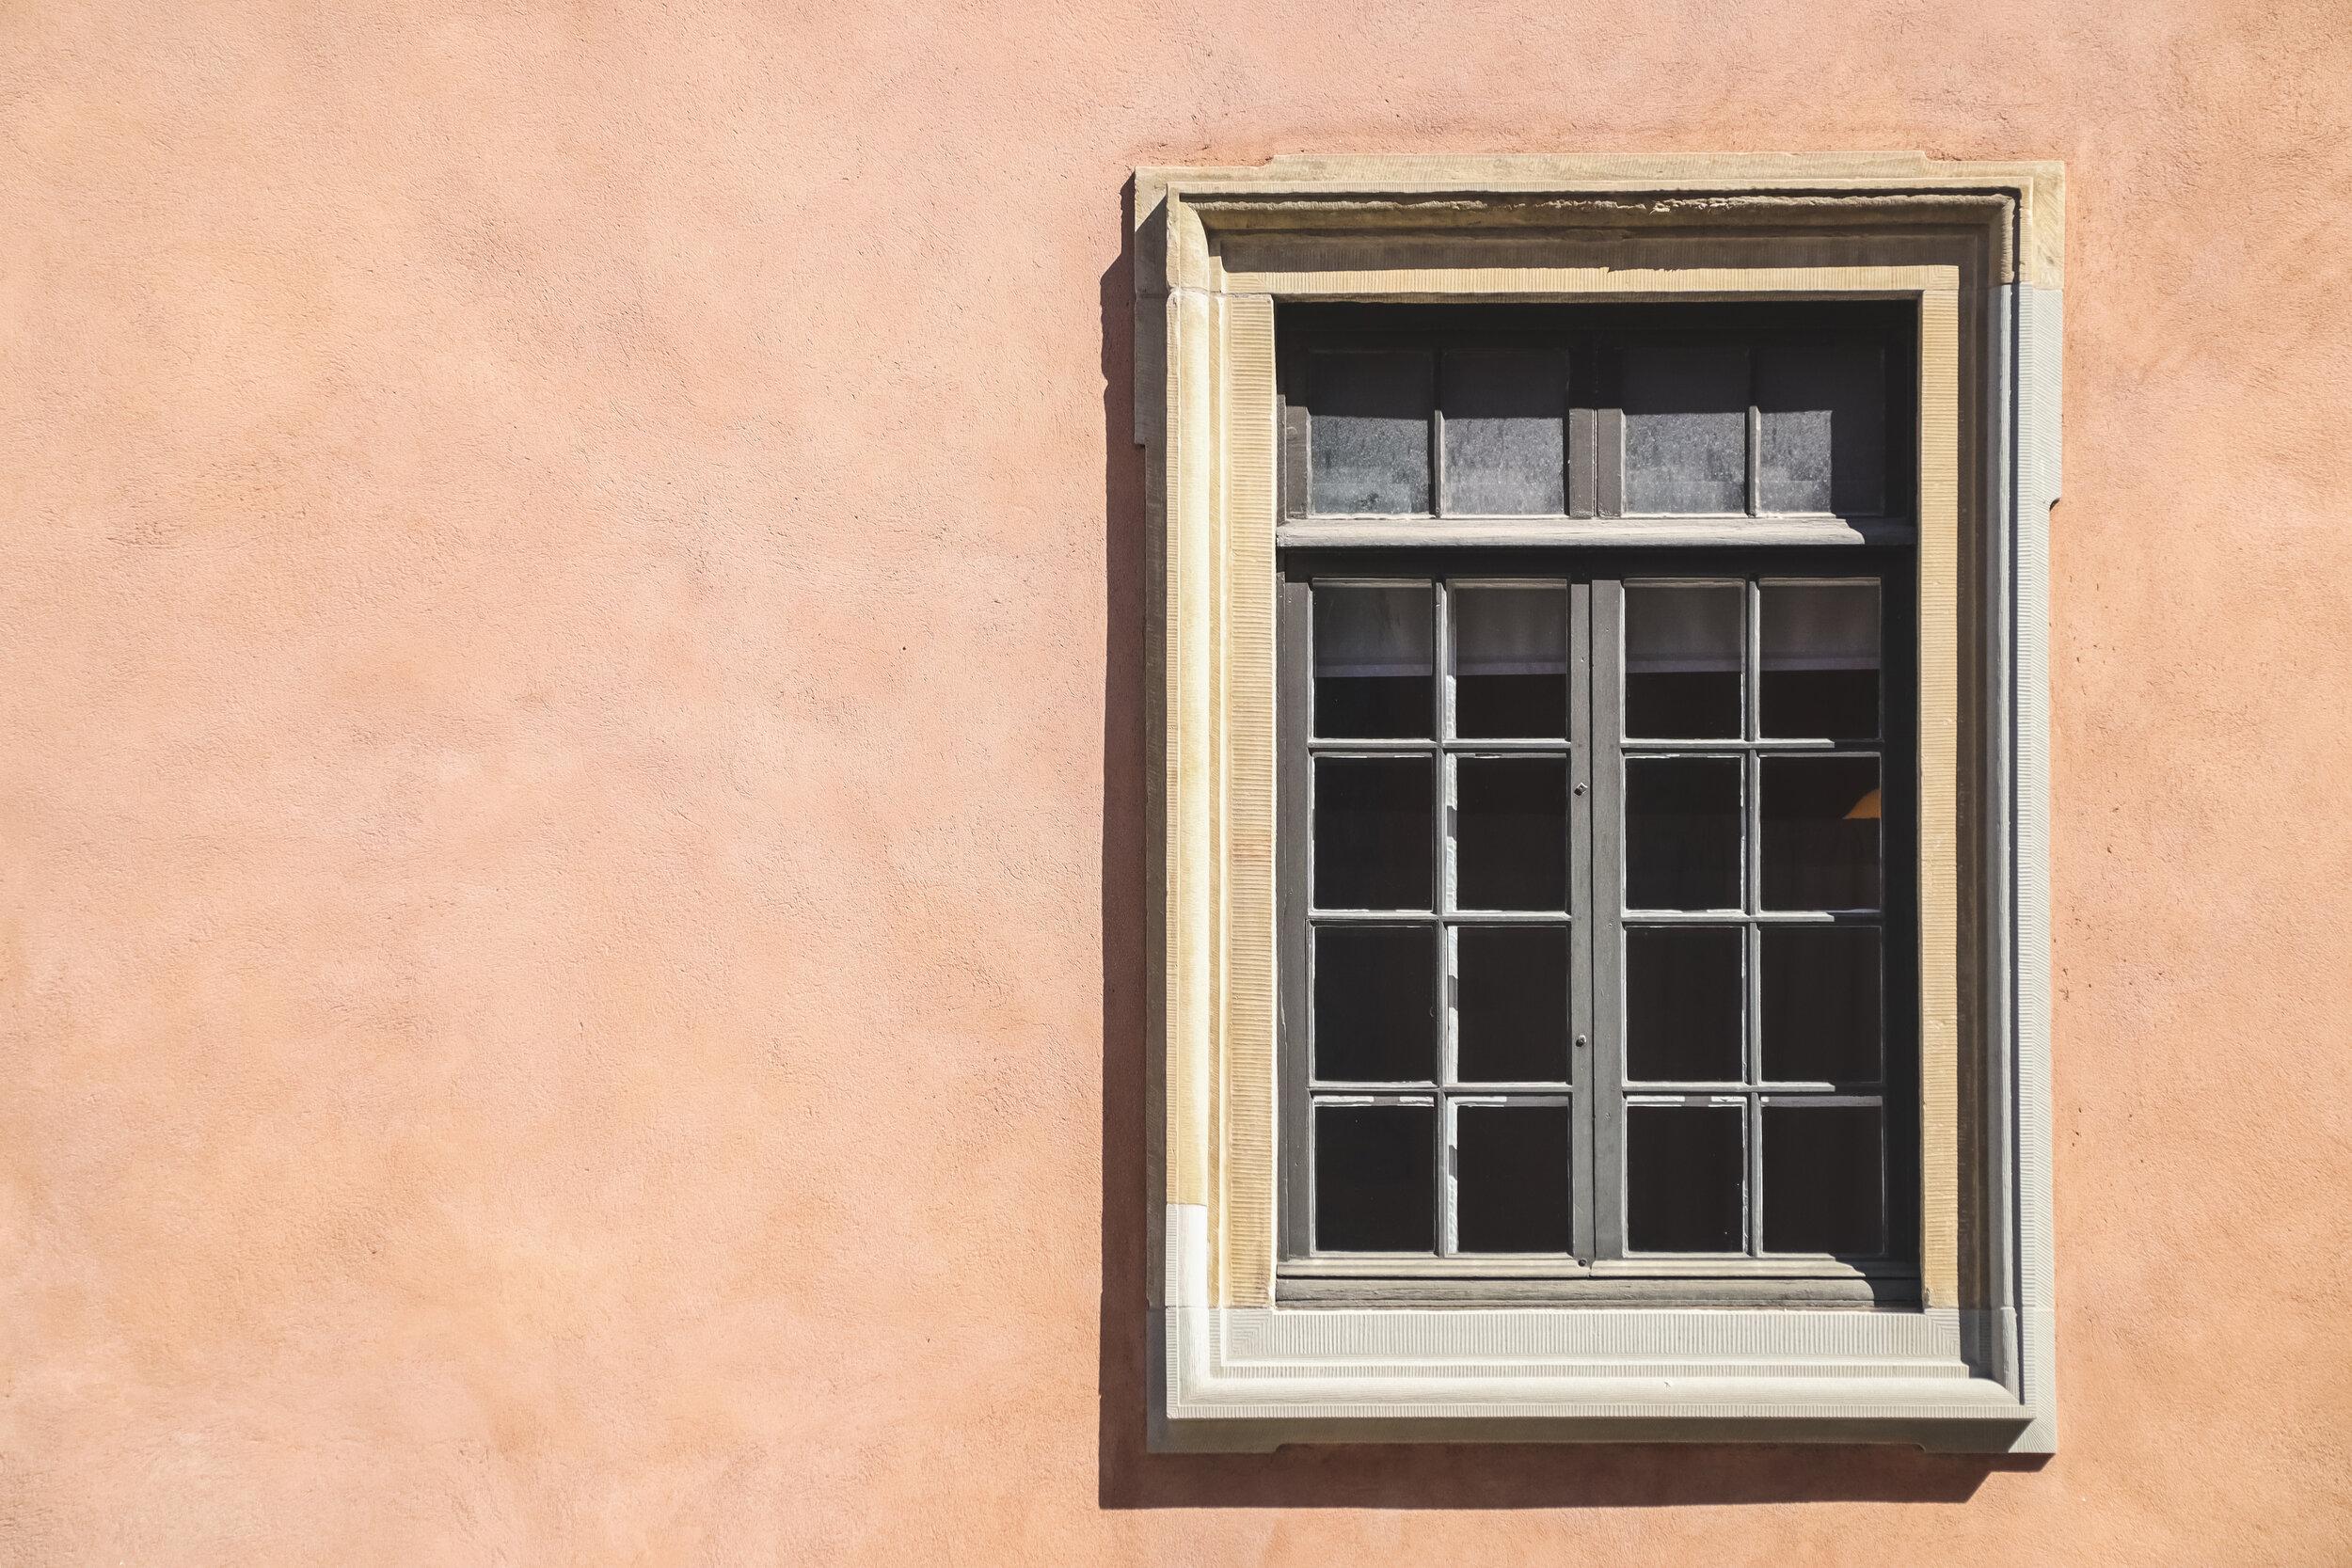 窗扇2.JPG.